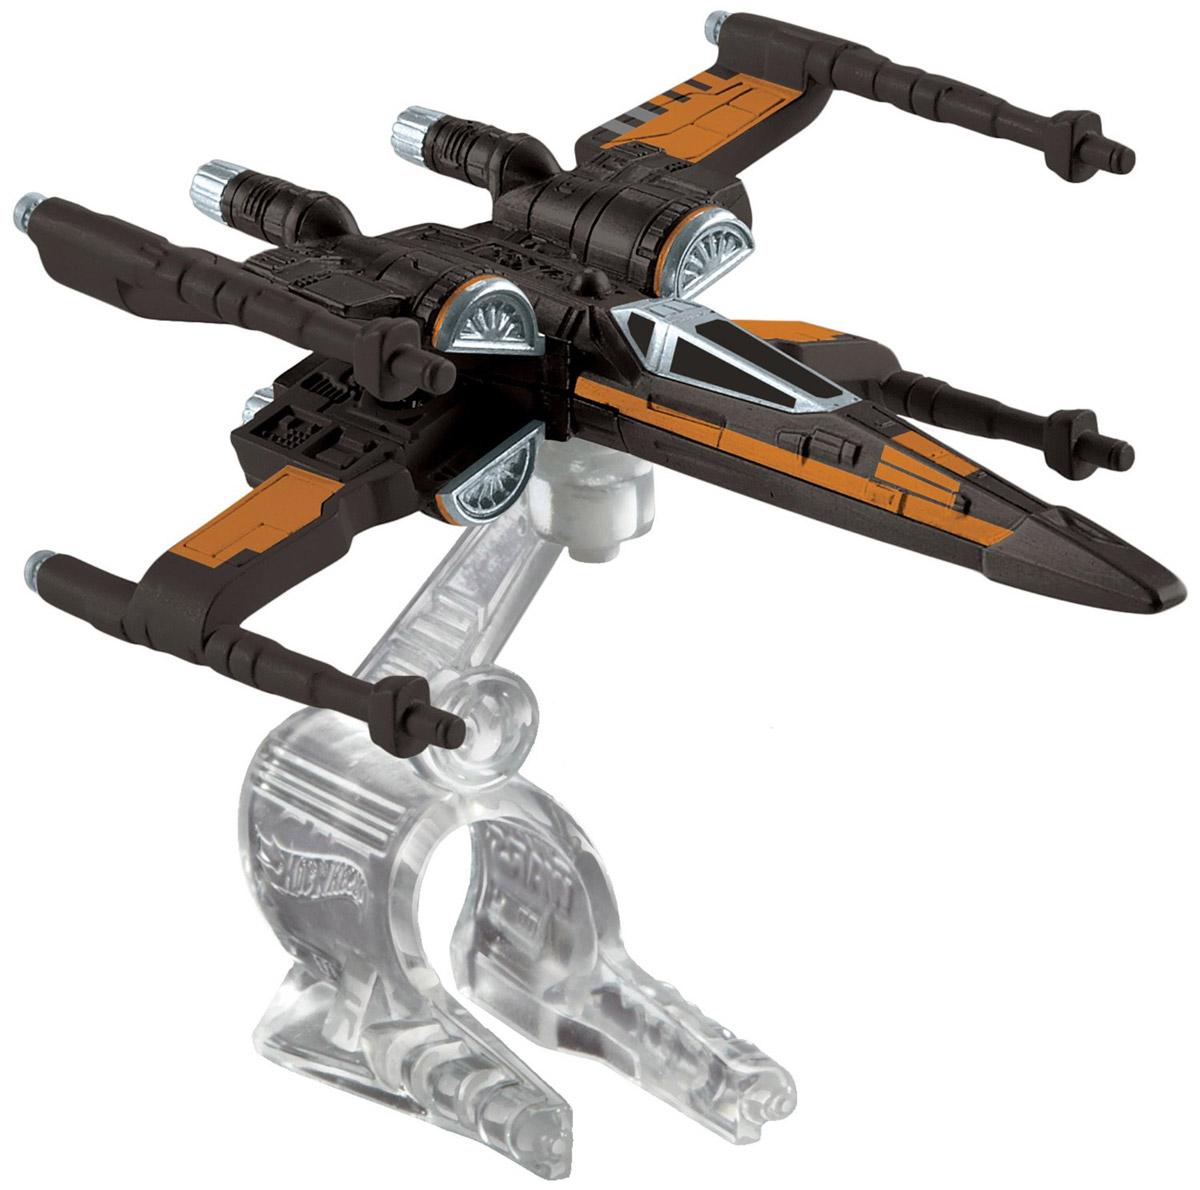 Hot Wheels Star Wars Звездный корабль Poes X-Wing FighterCGW52_DMP63Звездный корабль Hot Wheels Poes X-Wing Fighter непременно приведет в восторг поклонника фантастической саги Звездные воины. В комплекте звездный корабль и подставка. Надевайте на руку устройство Flight Navigator и запускайте корабль в полет по комнате, прямо как в гиперпространстве, или устраивайте яростные космические сражения. Flight Navigator можно также использовать как подставку для игрушек. Звездолеты совместимы с игровыми наборами Hot Wheels Star Wars (продаются отдельно).